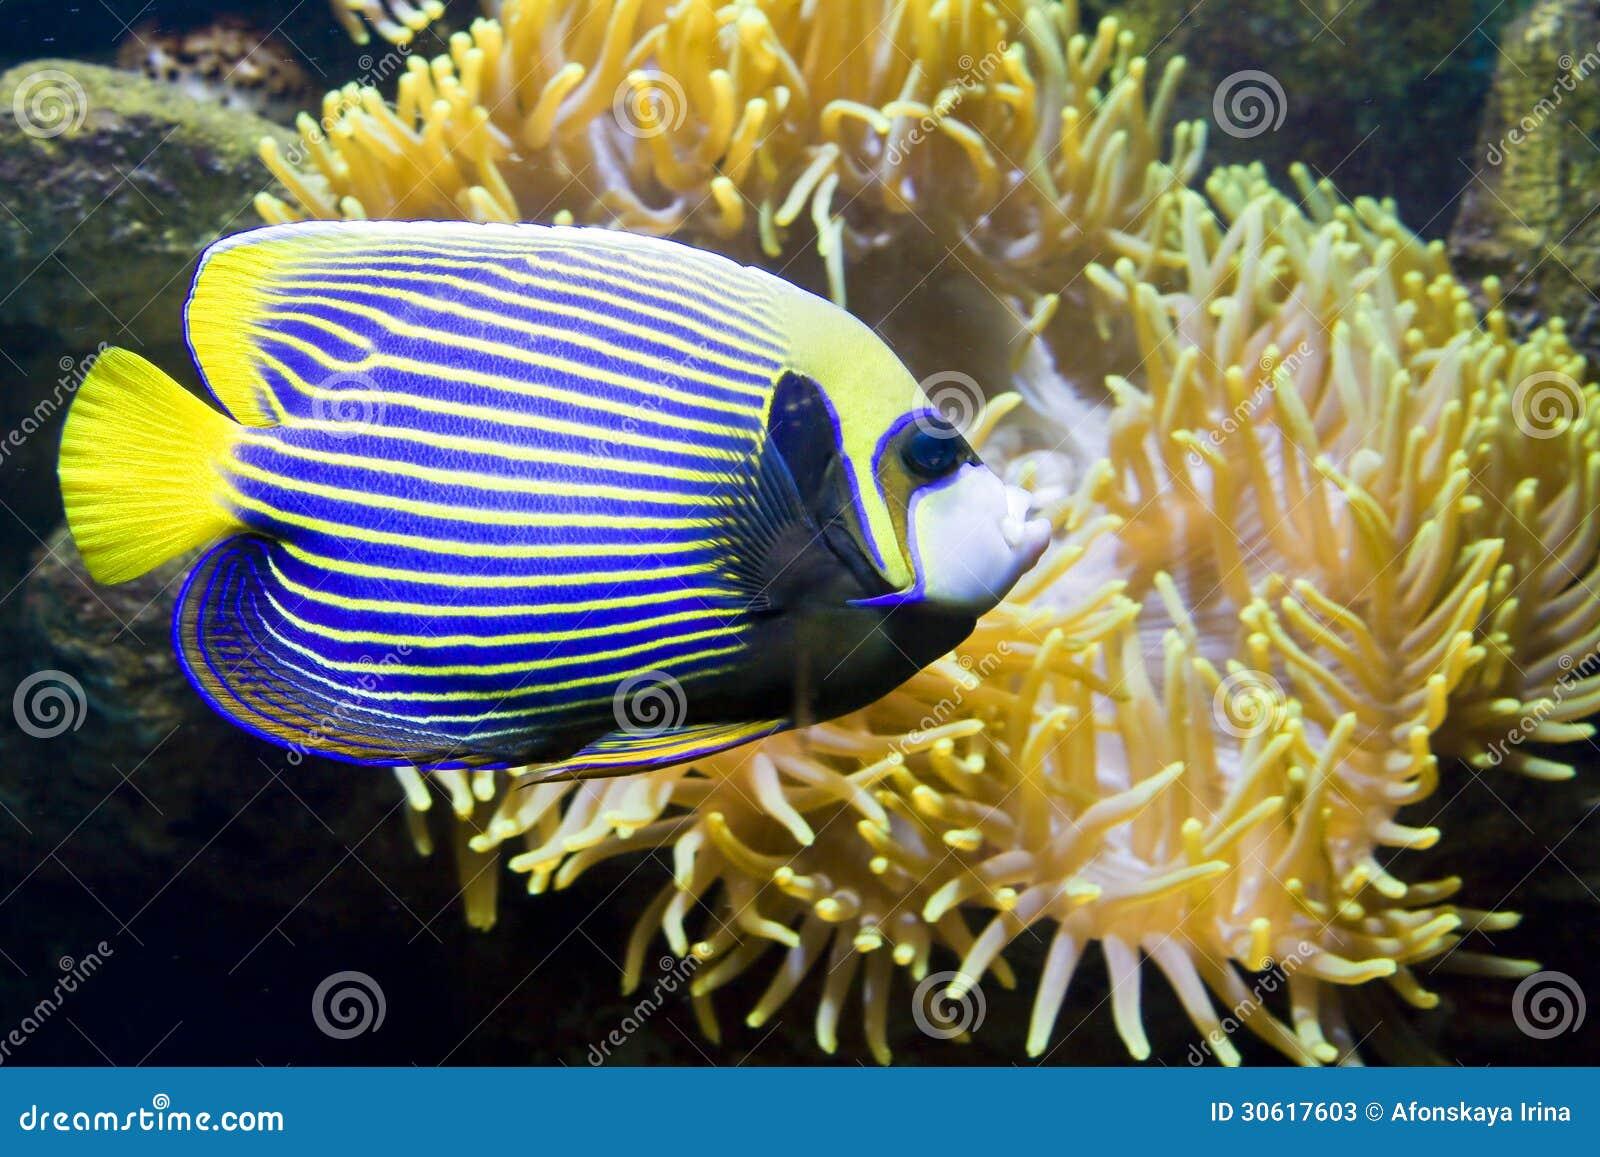 Fisk-ängel eller Fisk-kejsare och Actinia (havsanemonen)